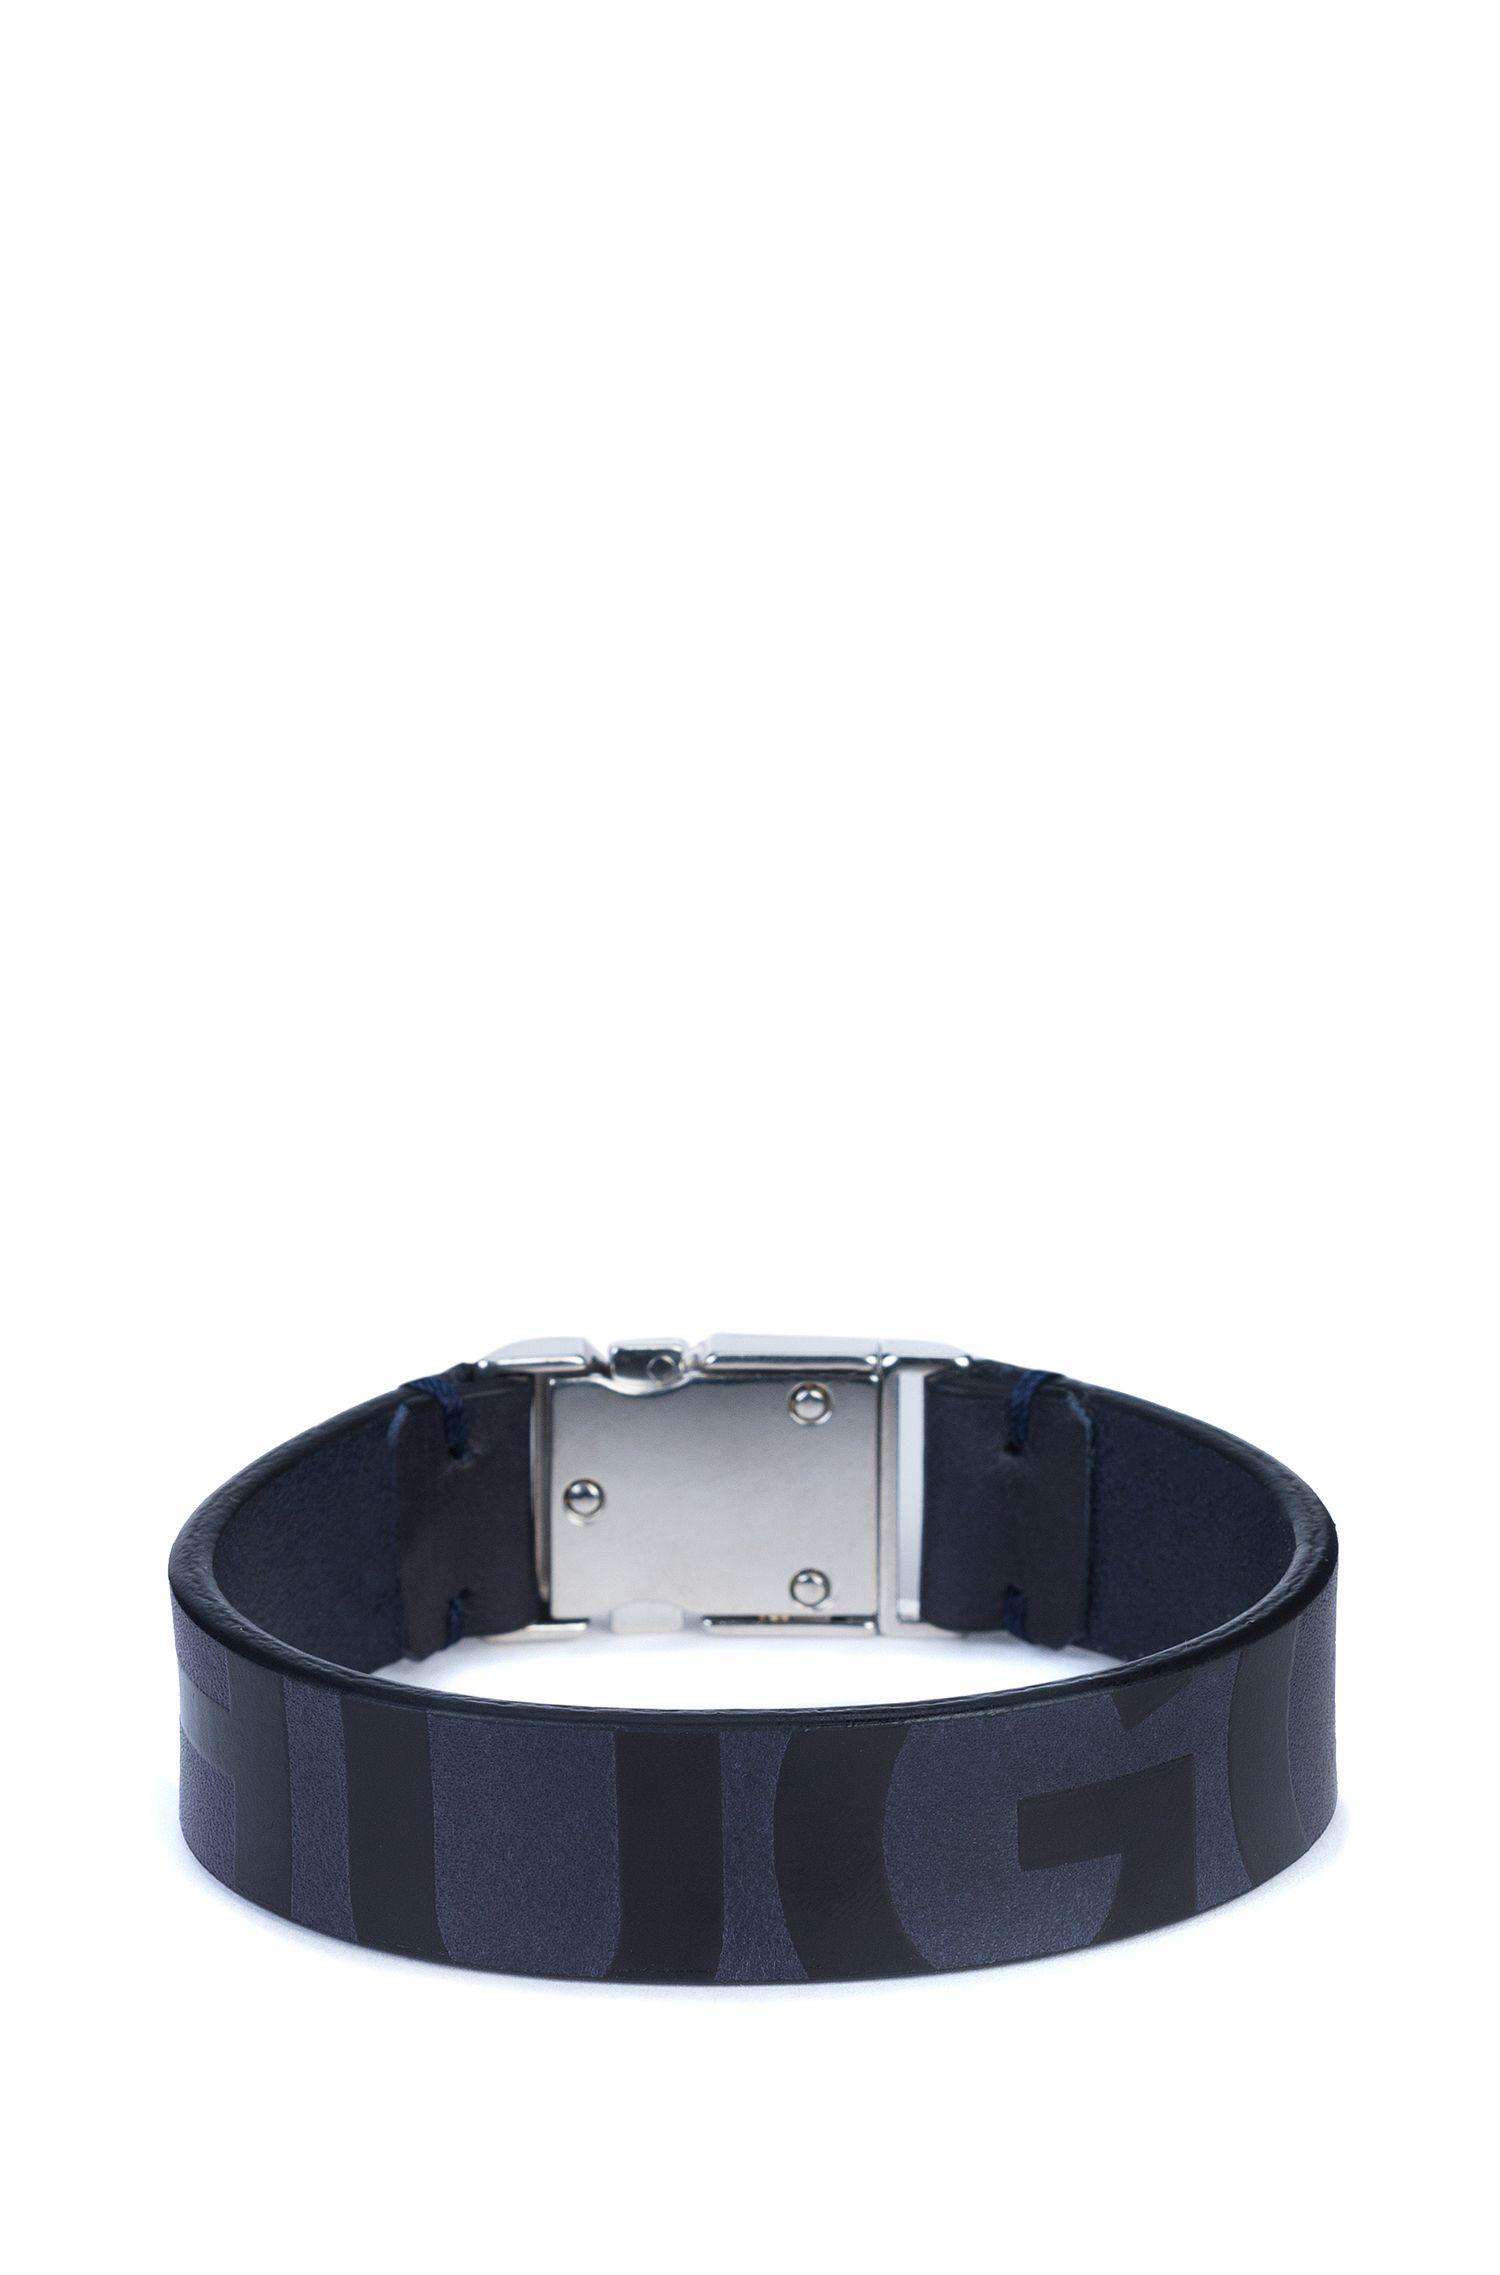 Pulsera de piel de napa con cierre de hebilla y logo estampado, Azul oscuro